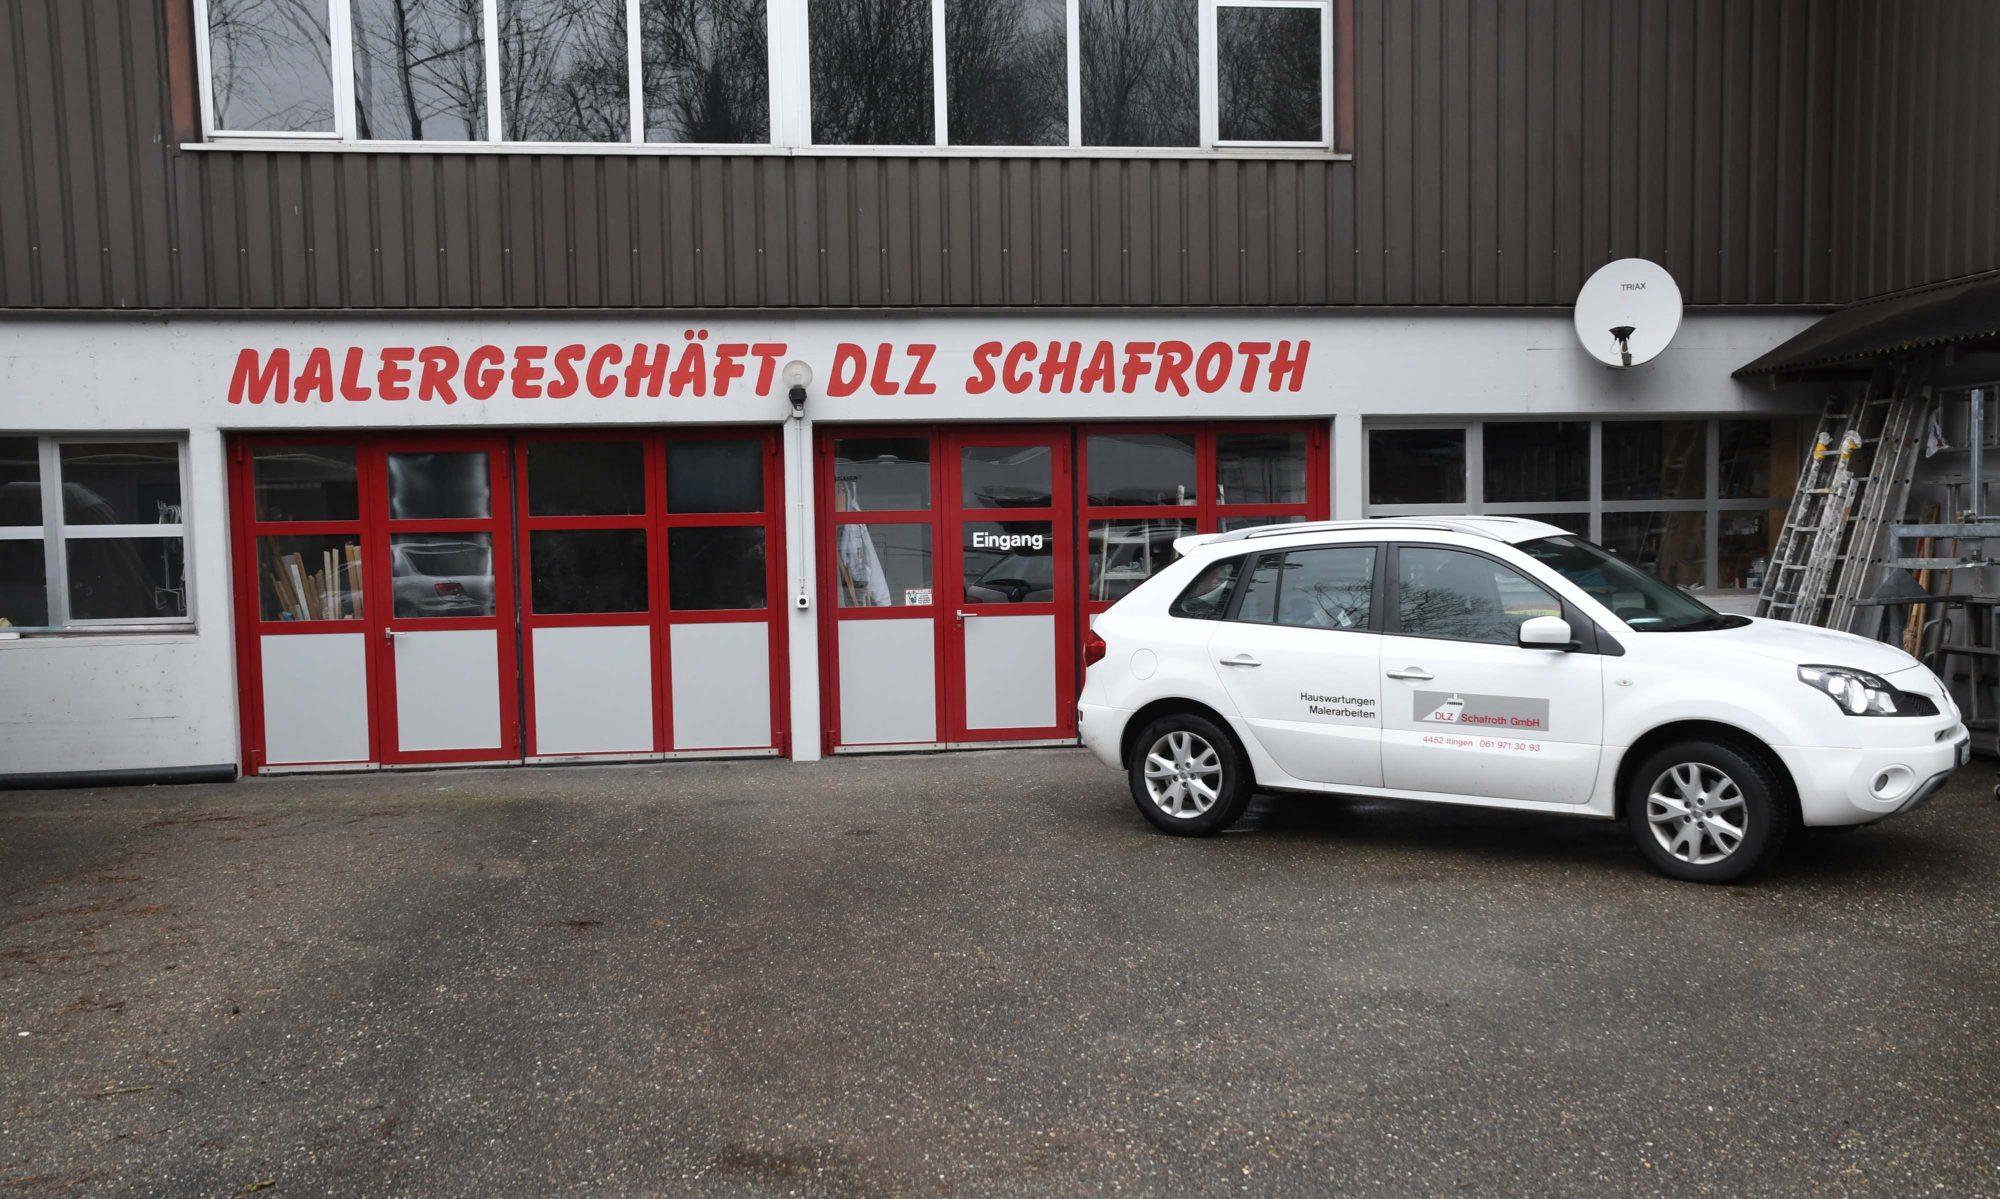 DLZ Schafroth